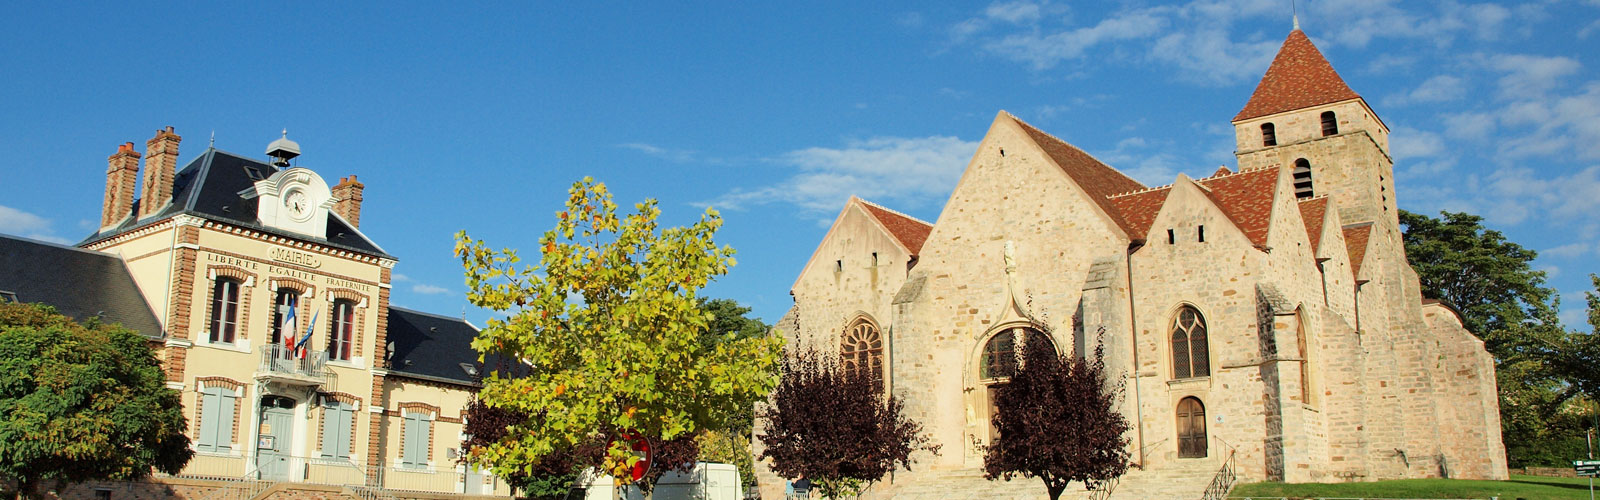 Courlon-sur-Yonne